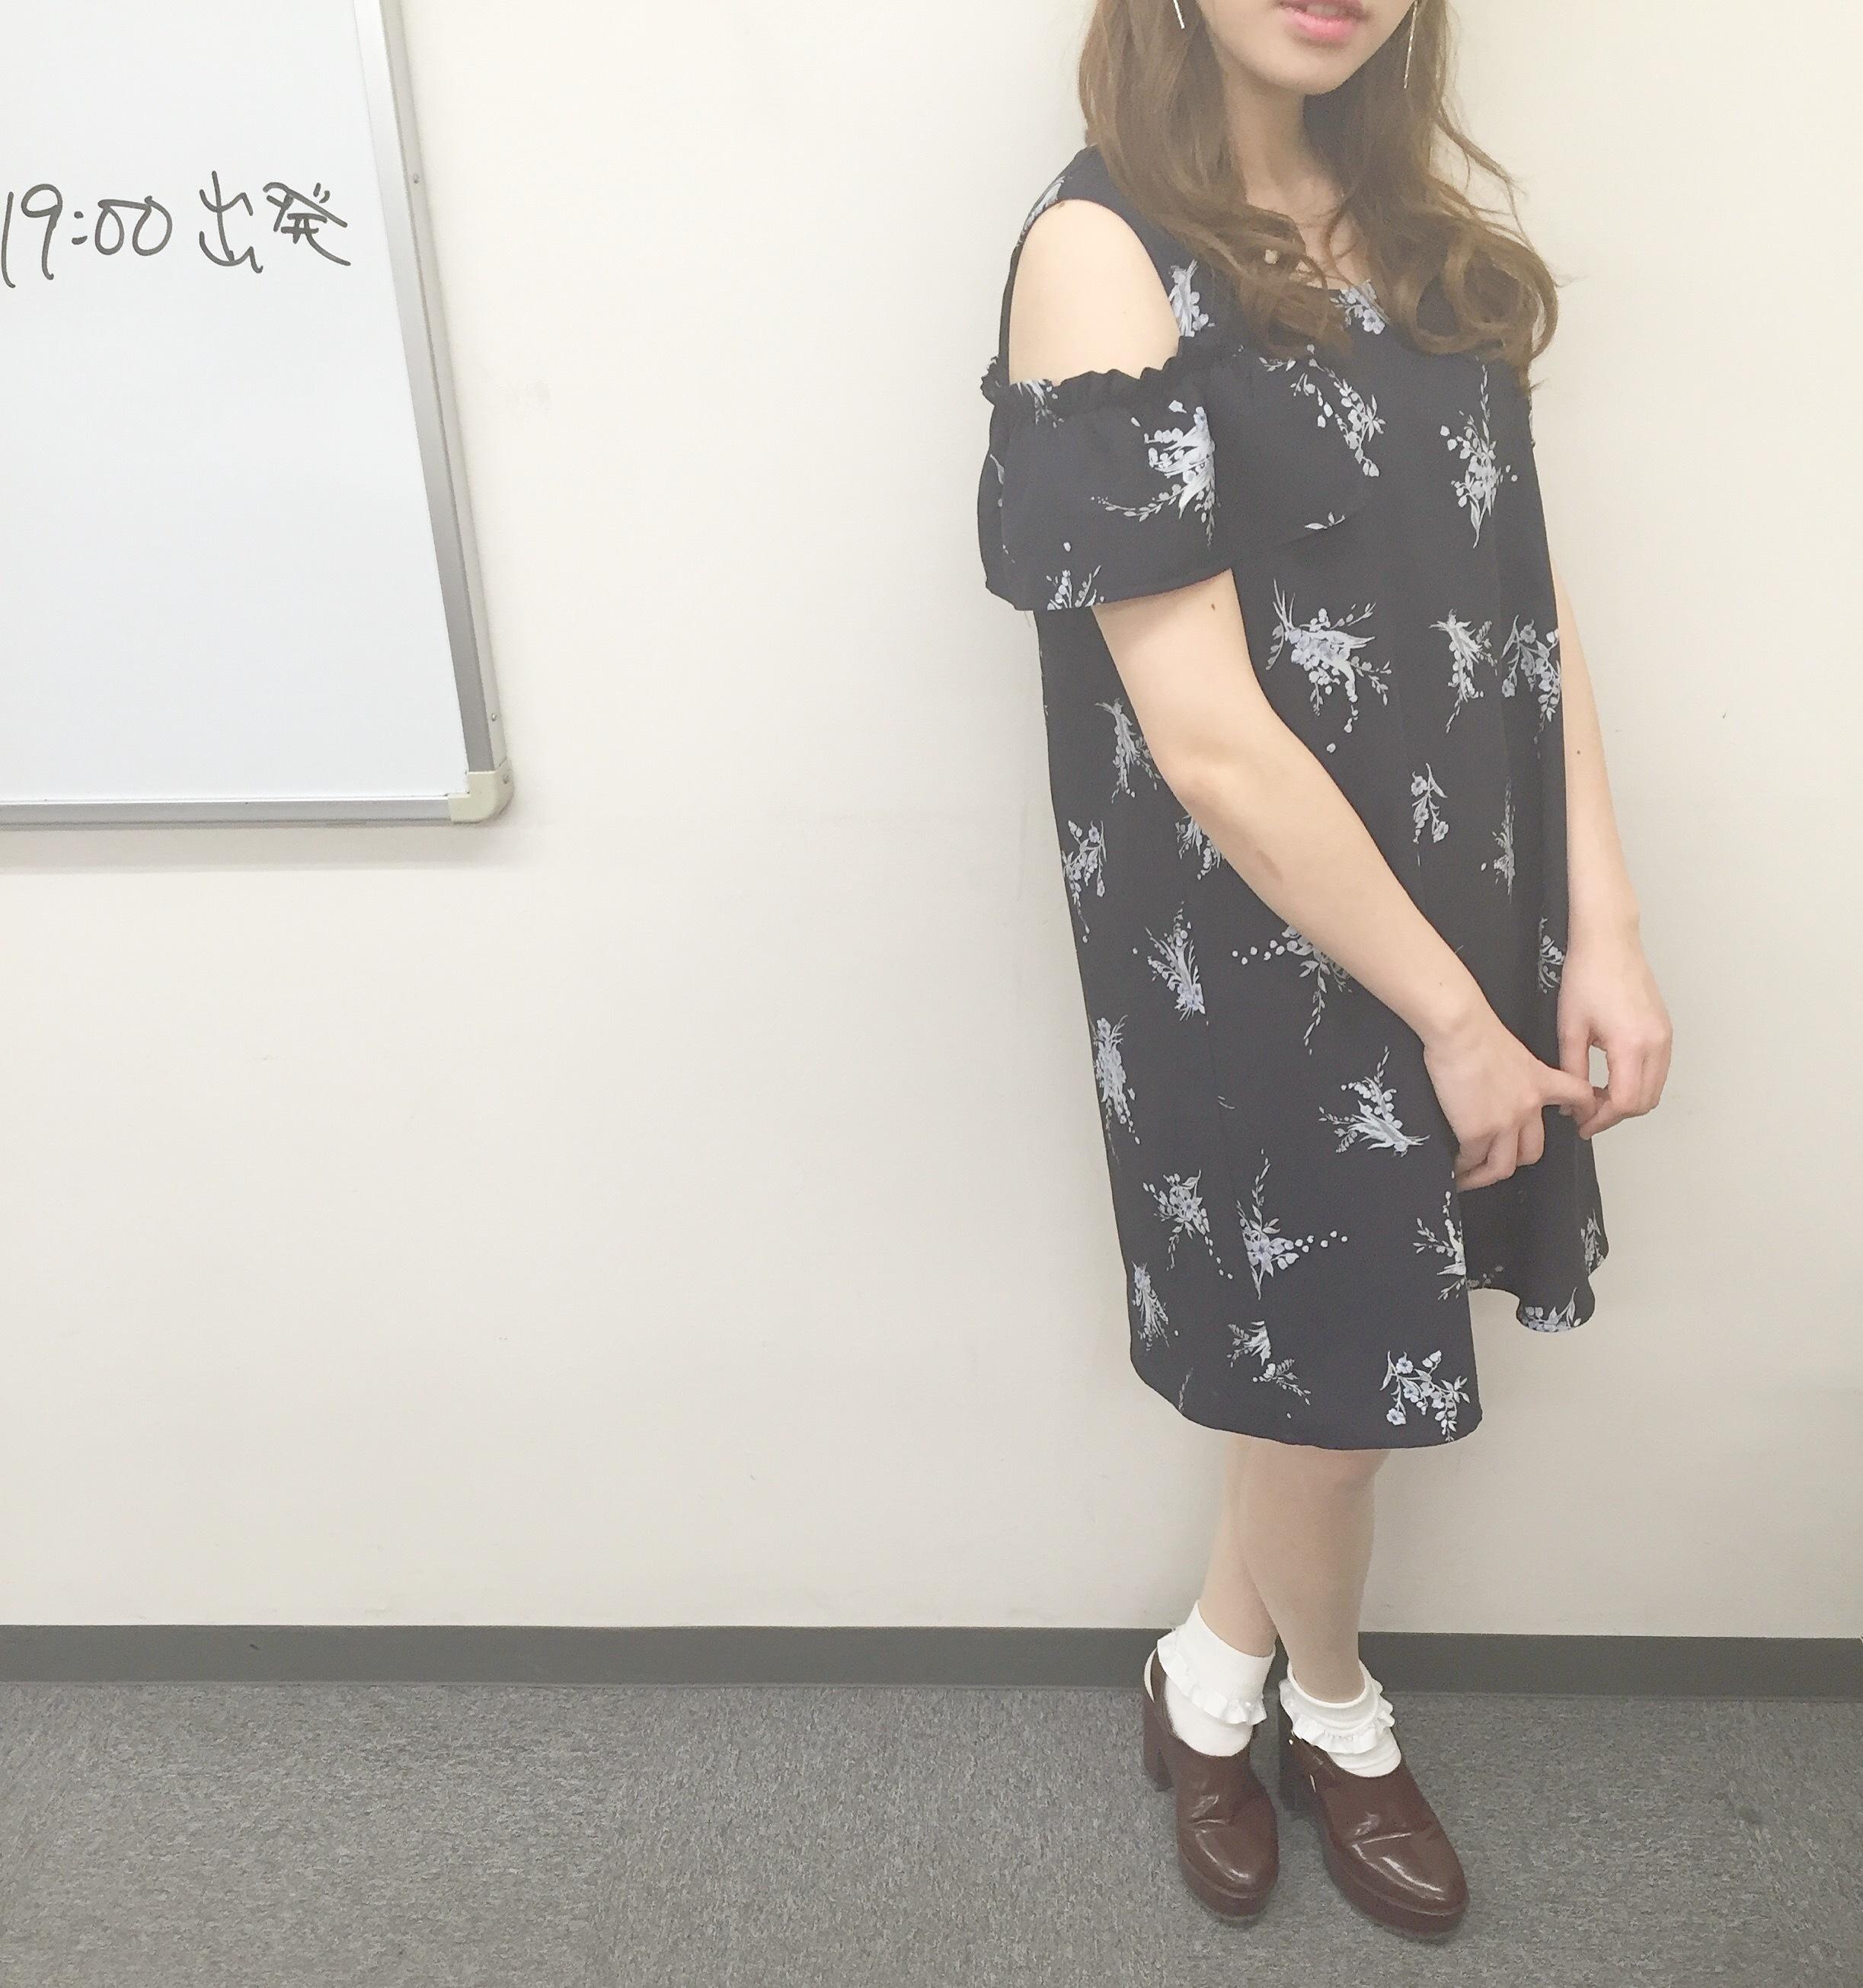 必見♡ノンノ45周年イベント舞台裏!『見せちゃます』カワイイ選抜お披露目✧_1_4